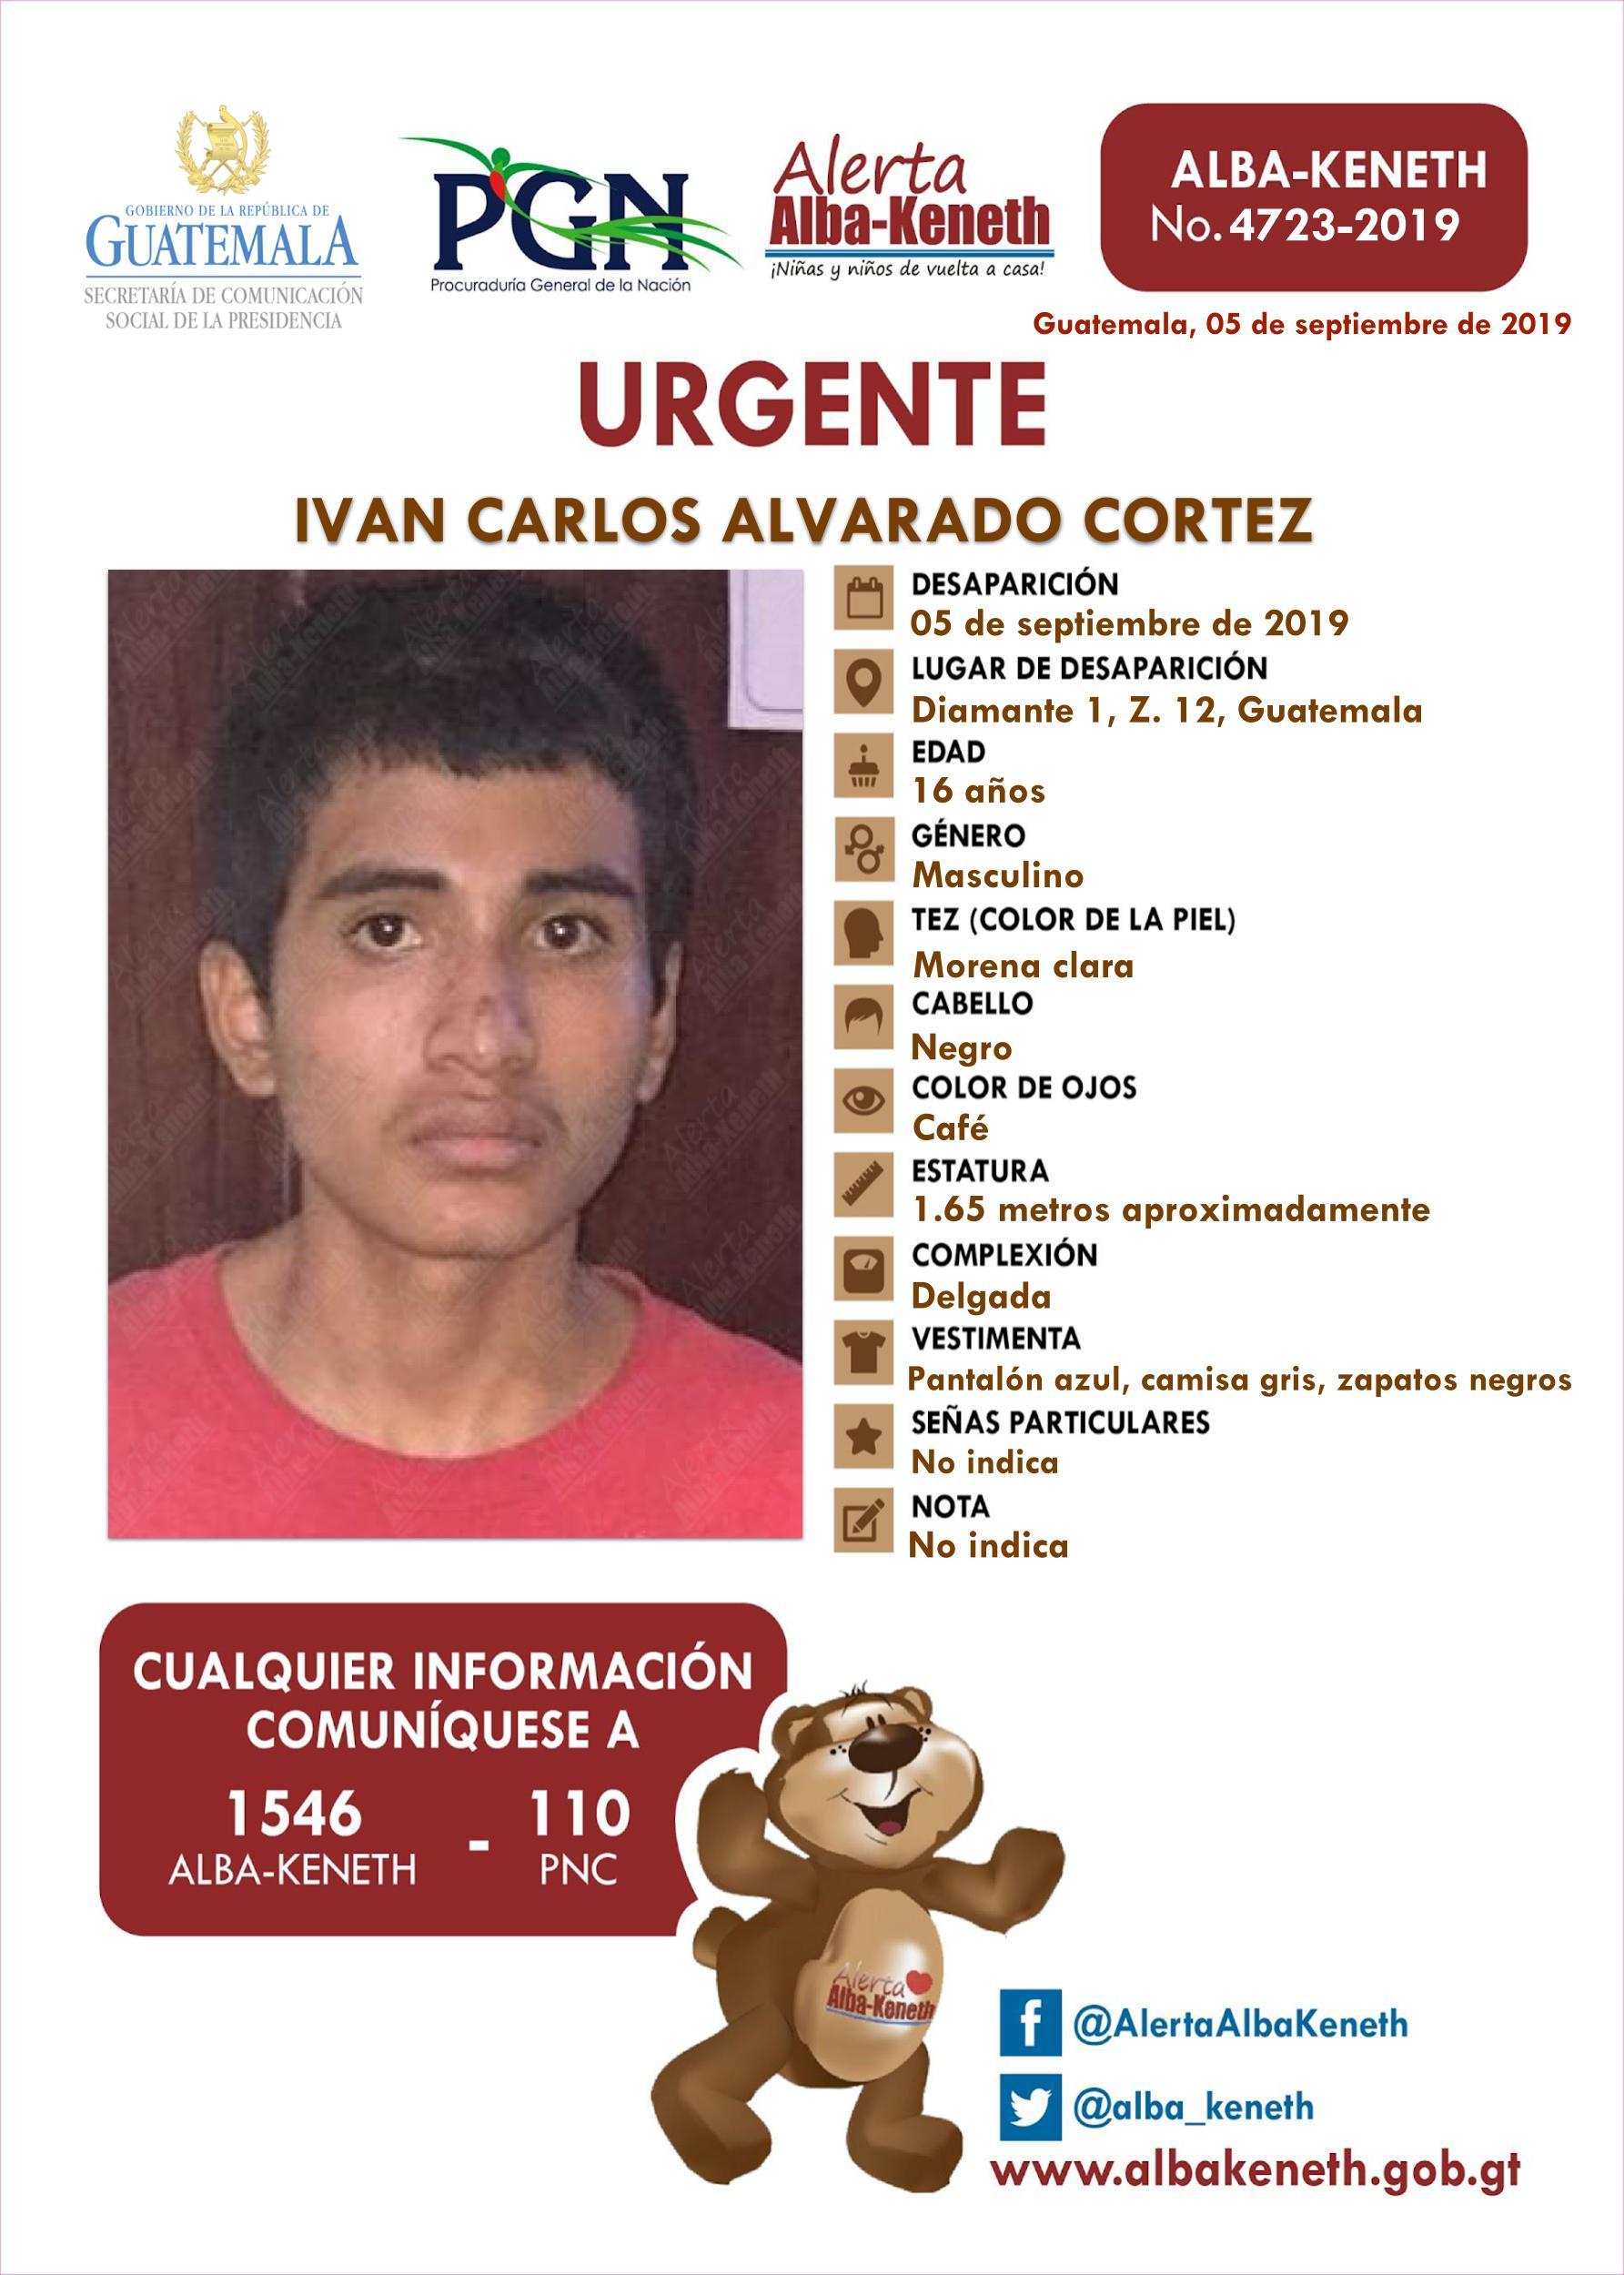 Ivan Carlos Alvarado Cortez